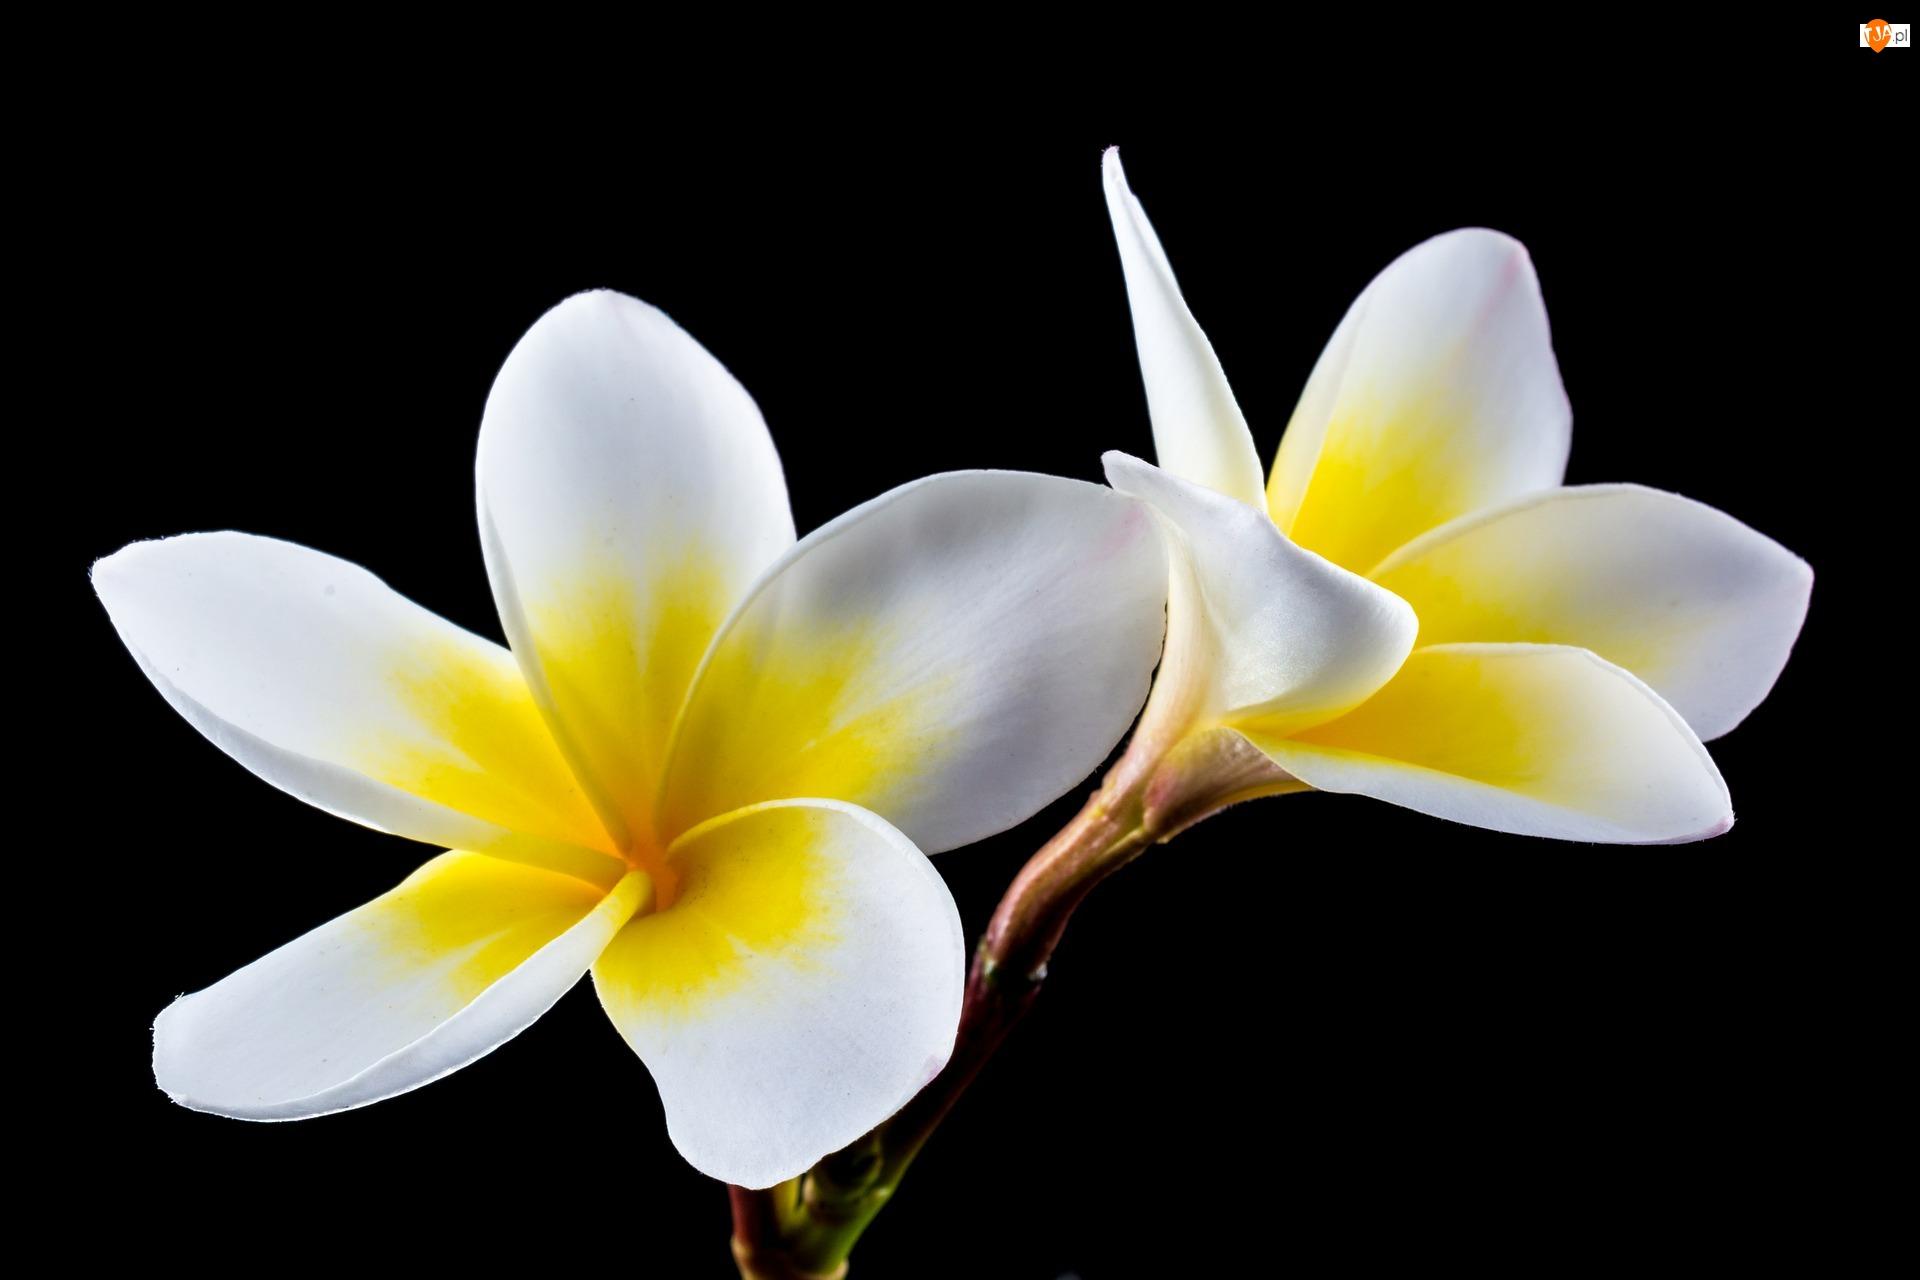 Plumerie, Kwiaty, Biało-żółte